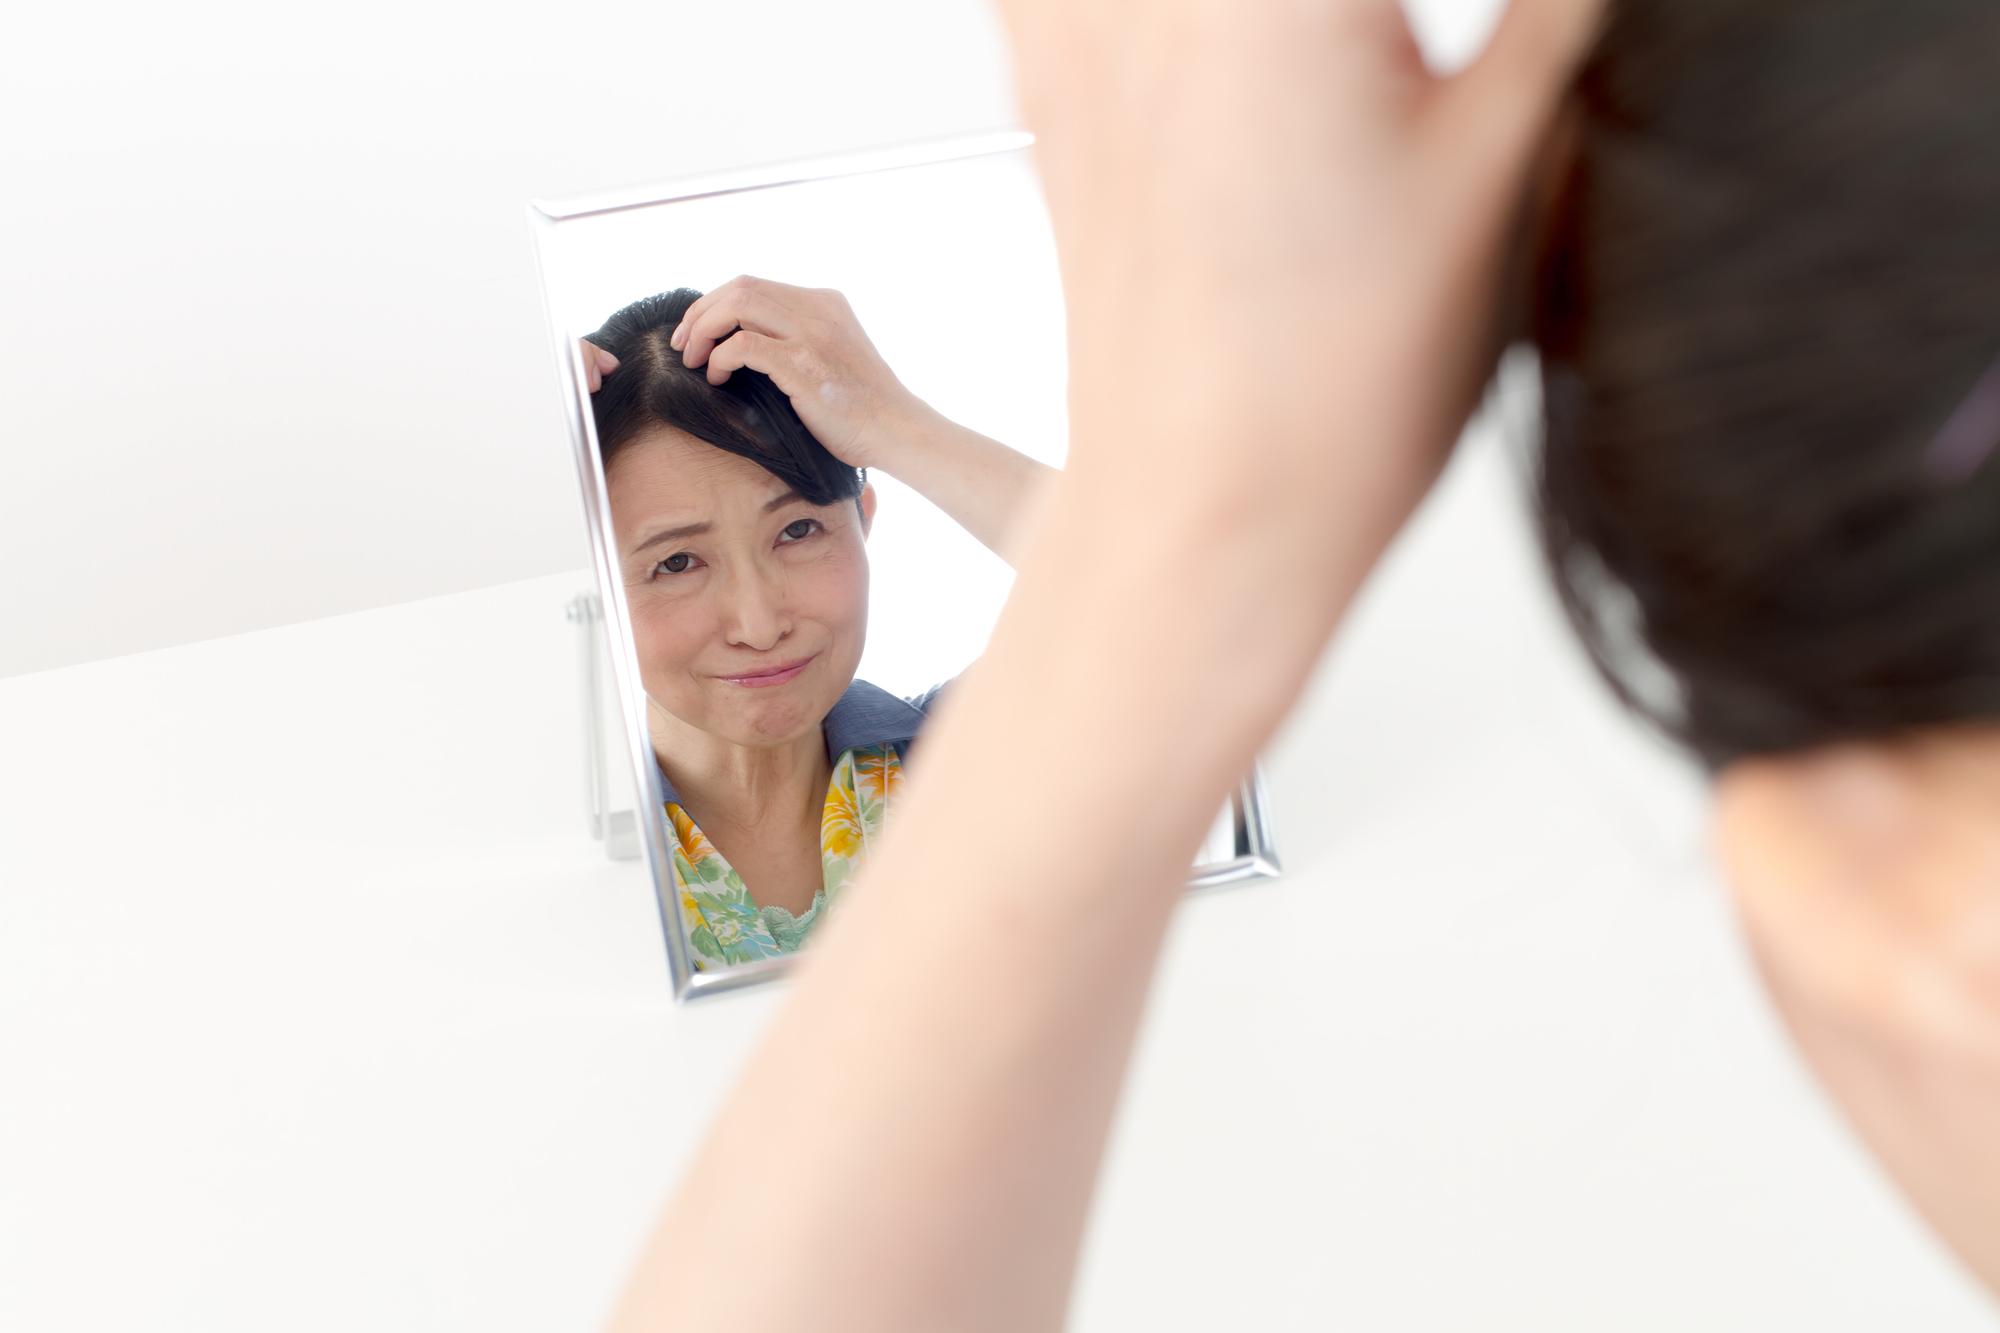 膠原病による女性の抜け毛・薄毛対策